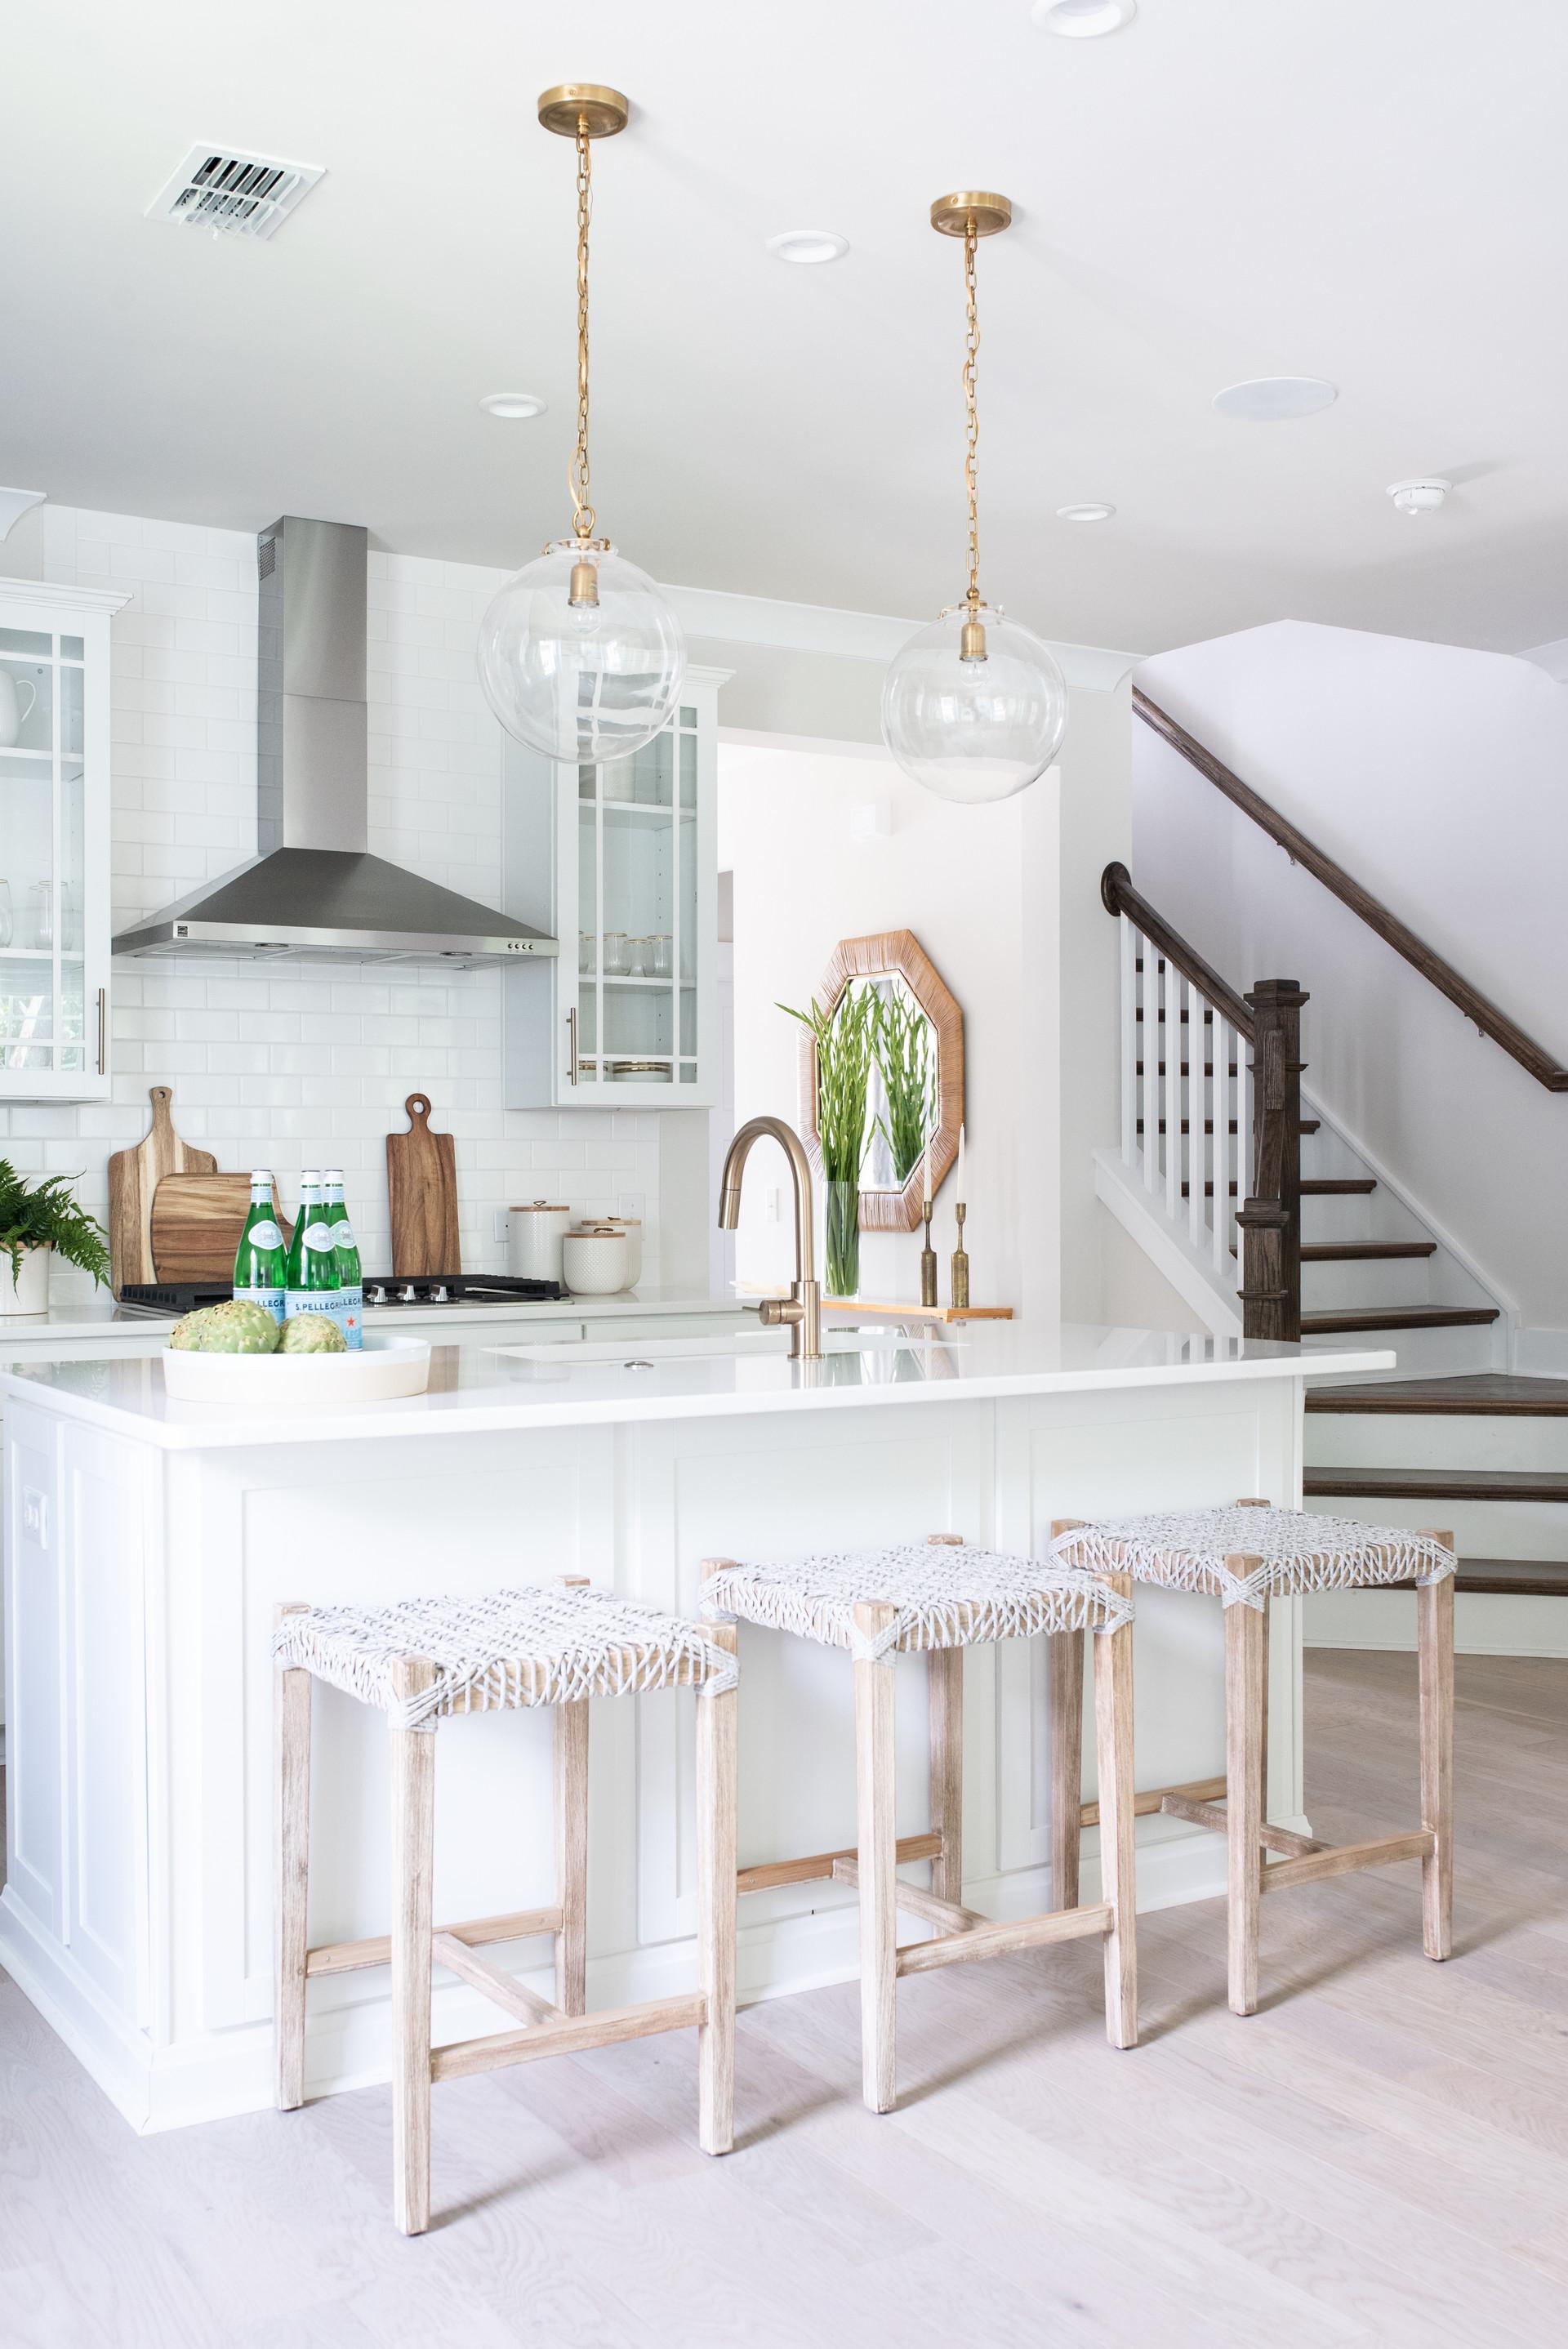 Perch-DI-Home-Kitchen-7.jpg